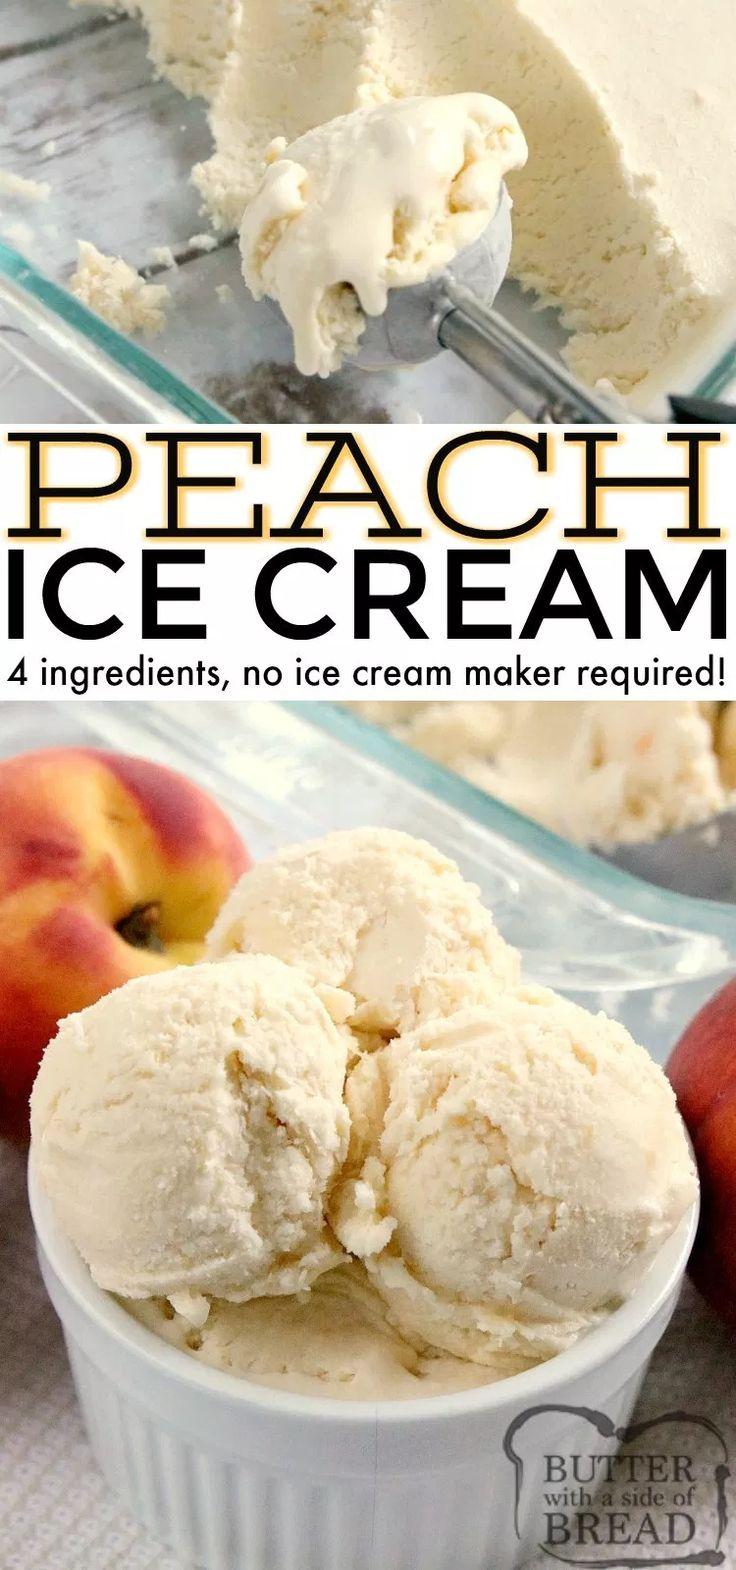 El helado de durazno está hecho con duraznos frescos y crema batida real, sin helado …   – Eis